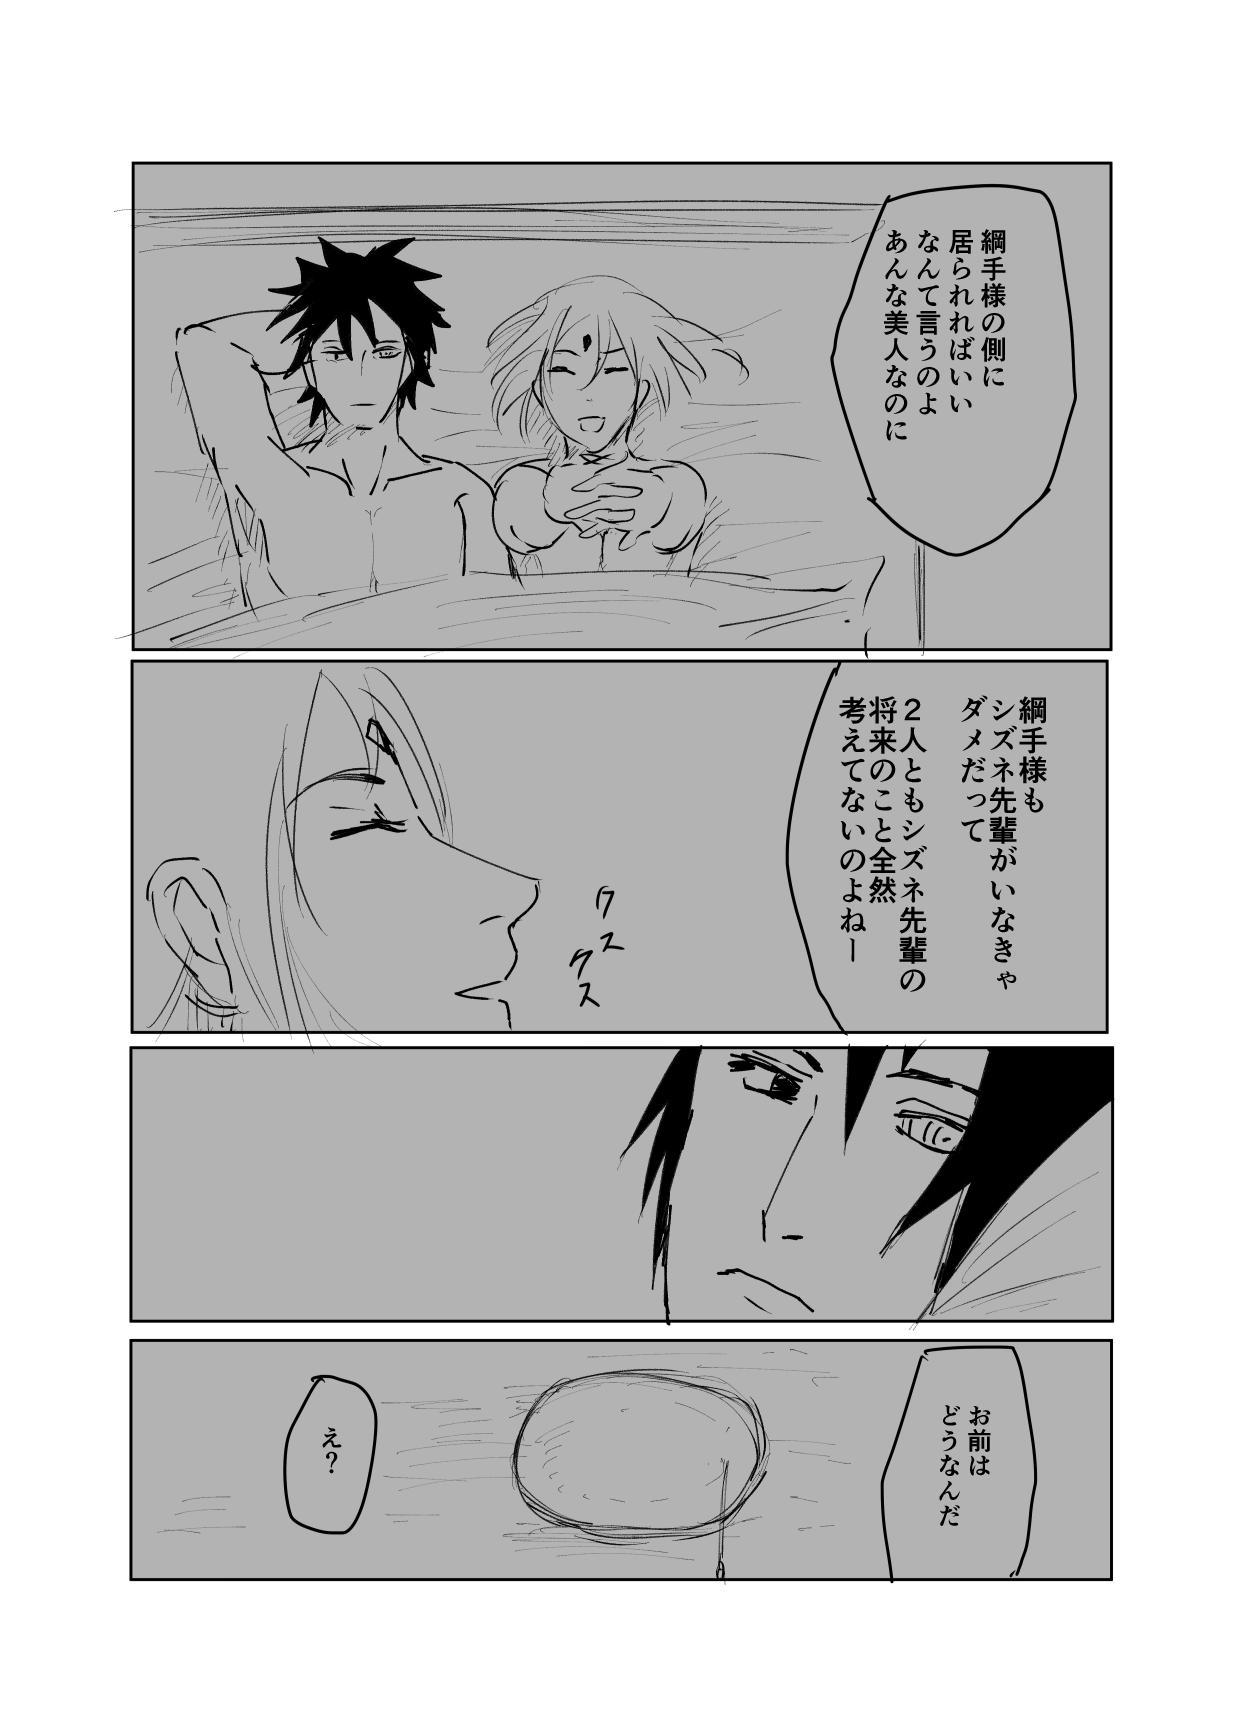 嘘告白漫画 84